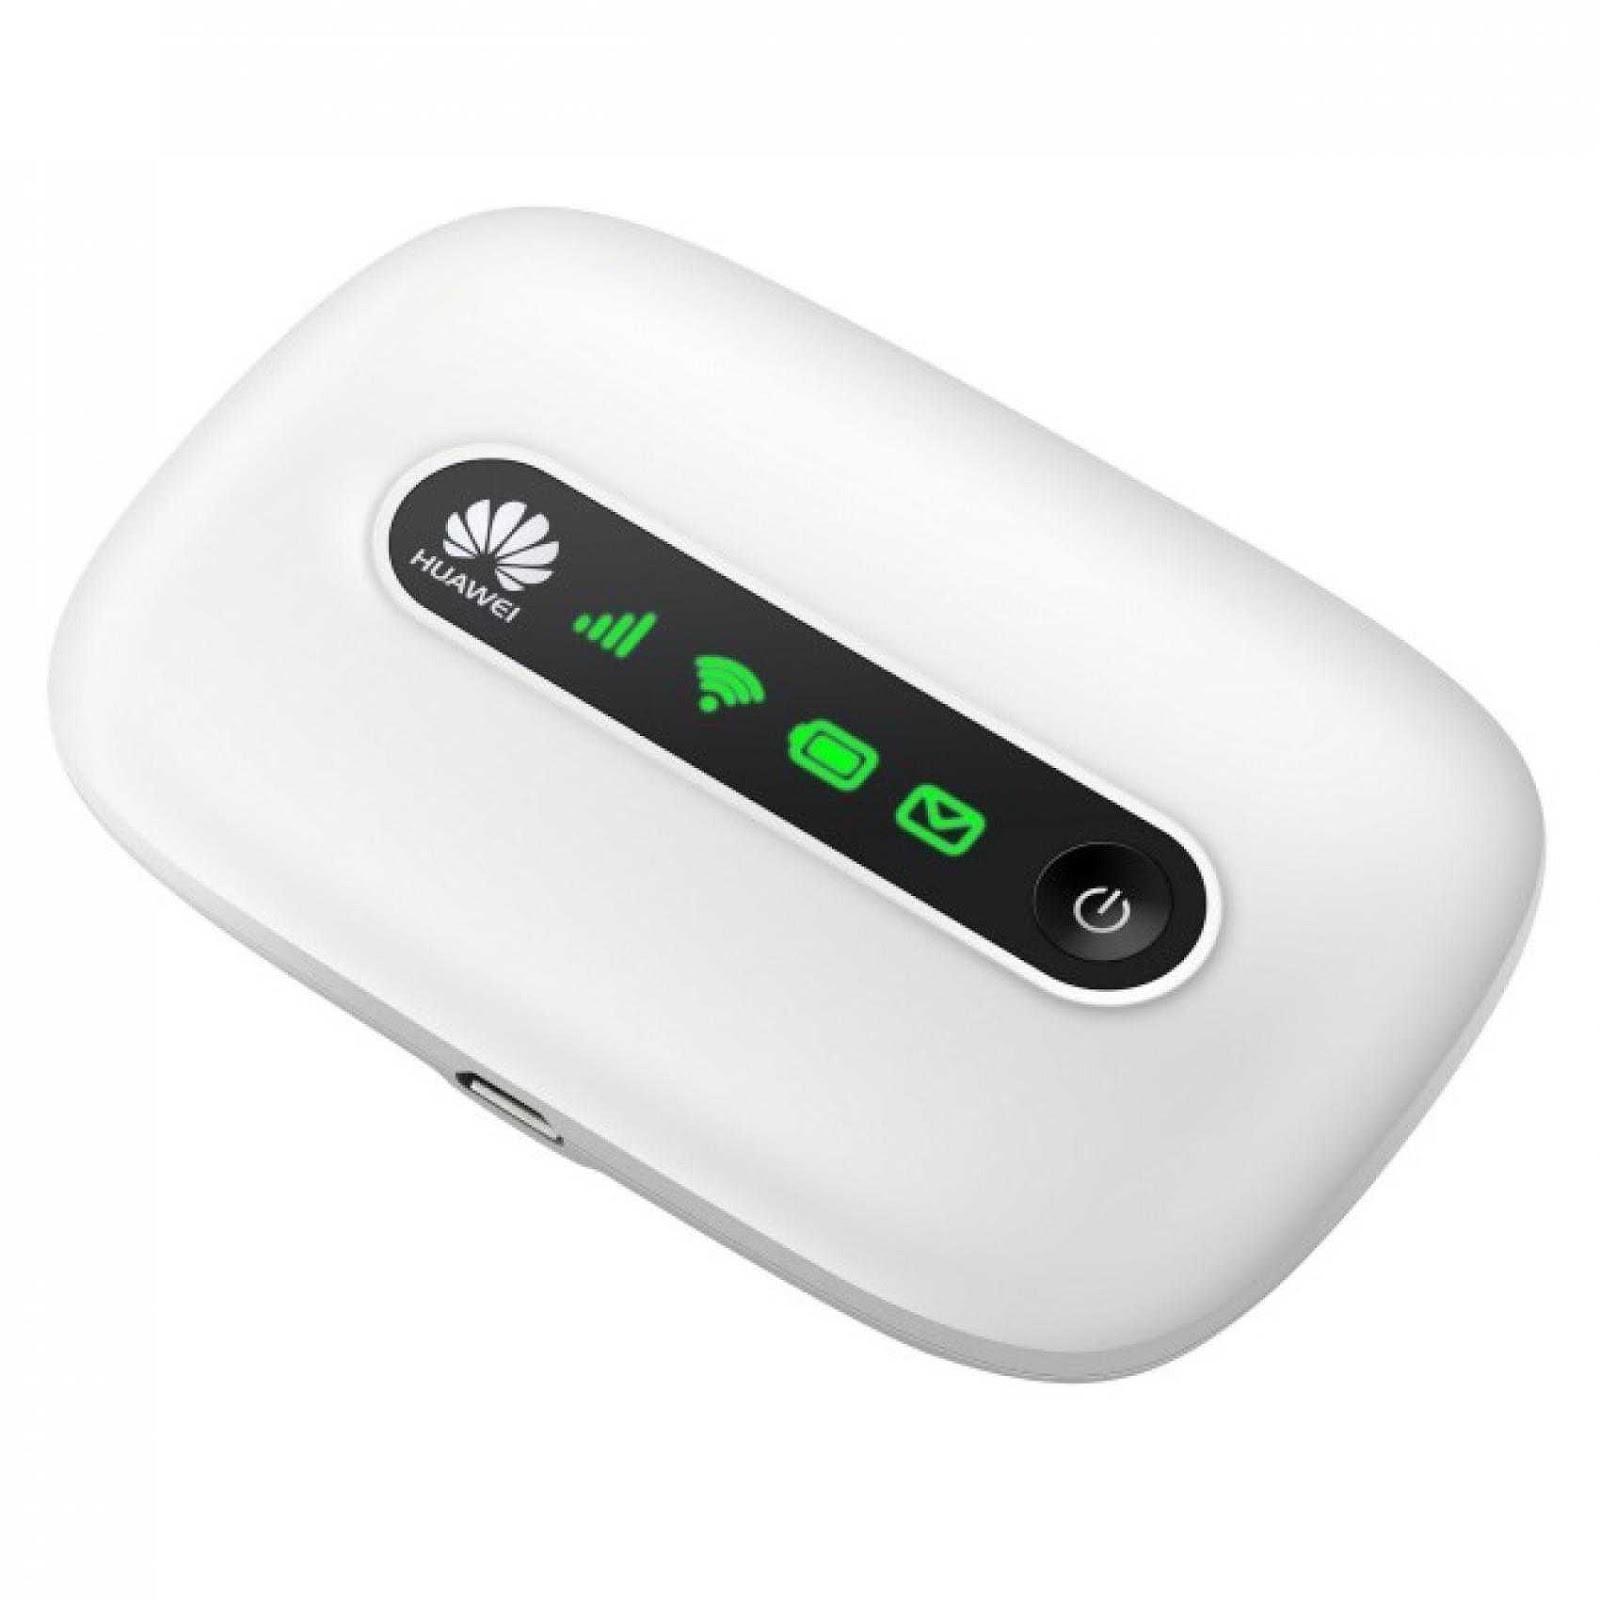 Thiết bị phát wifi 3G Huawei E5220 giá rẻ